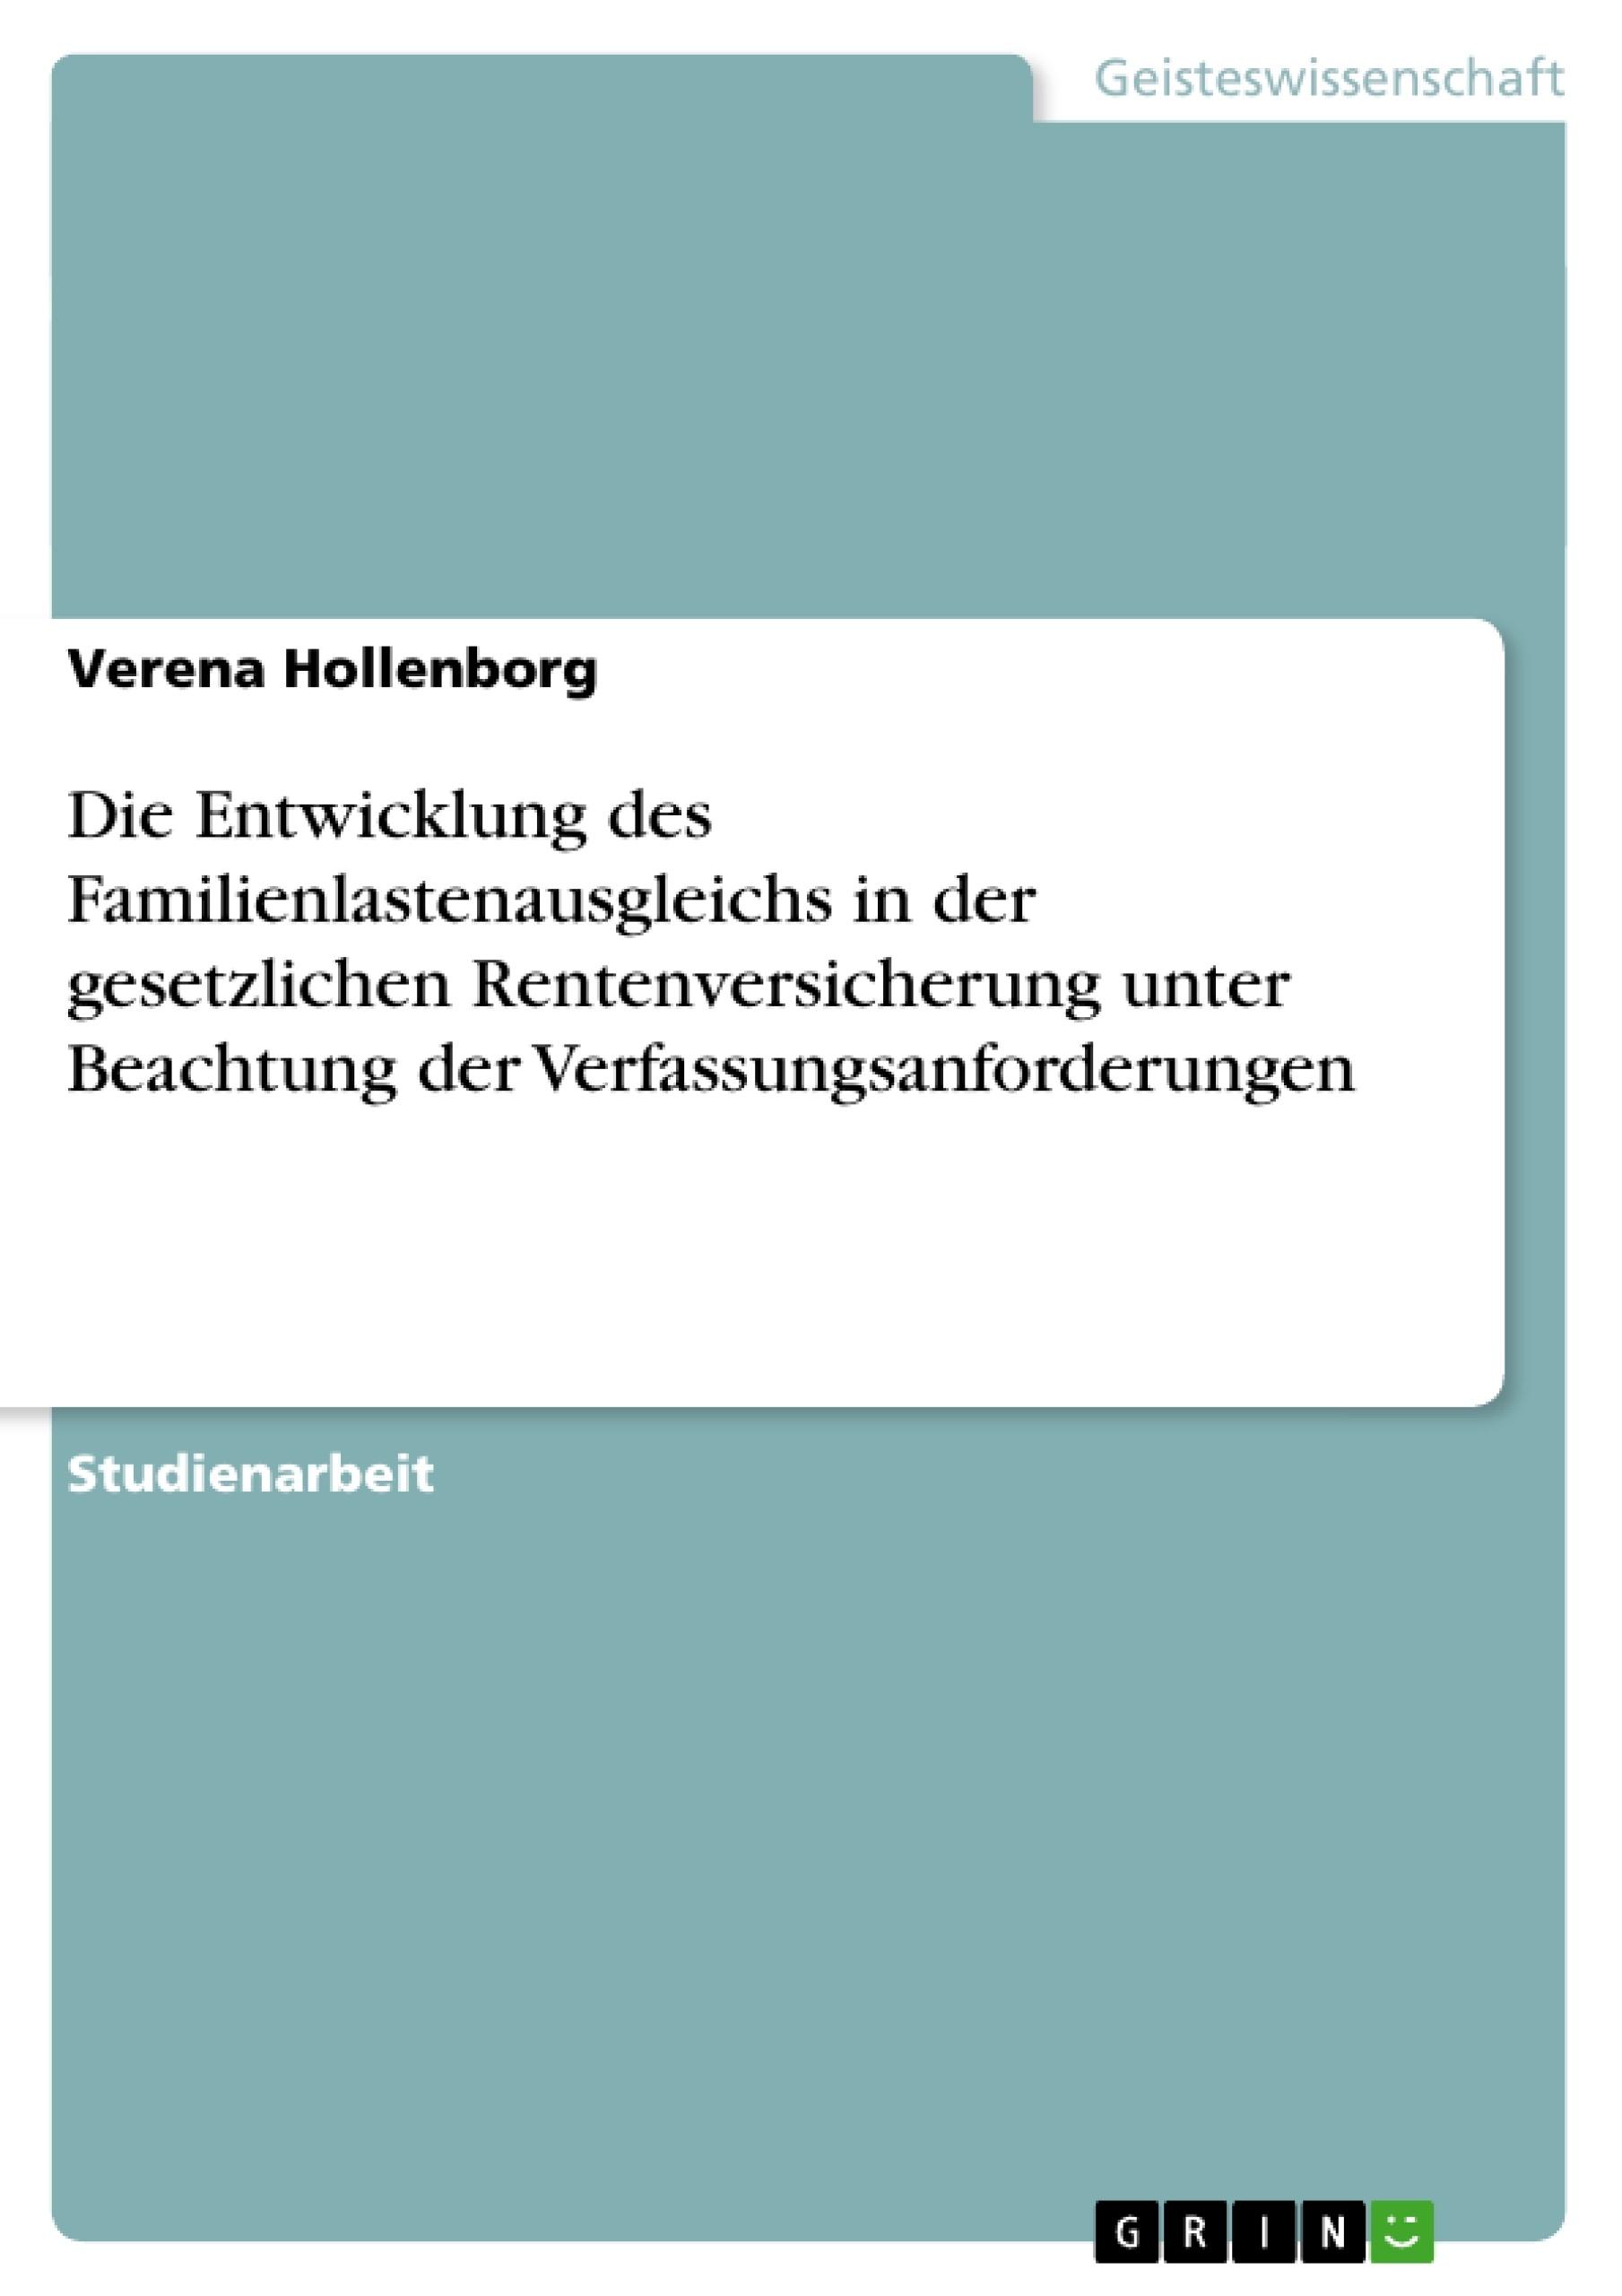 Titel: Die Entwicklung des Familienlastenausgleichs in der gesetzlichen Rentenversicherung unter Beachtung der Verfassungsanforderungen